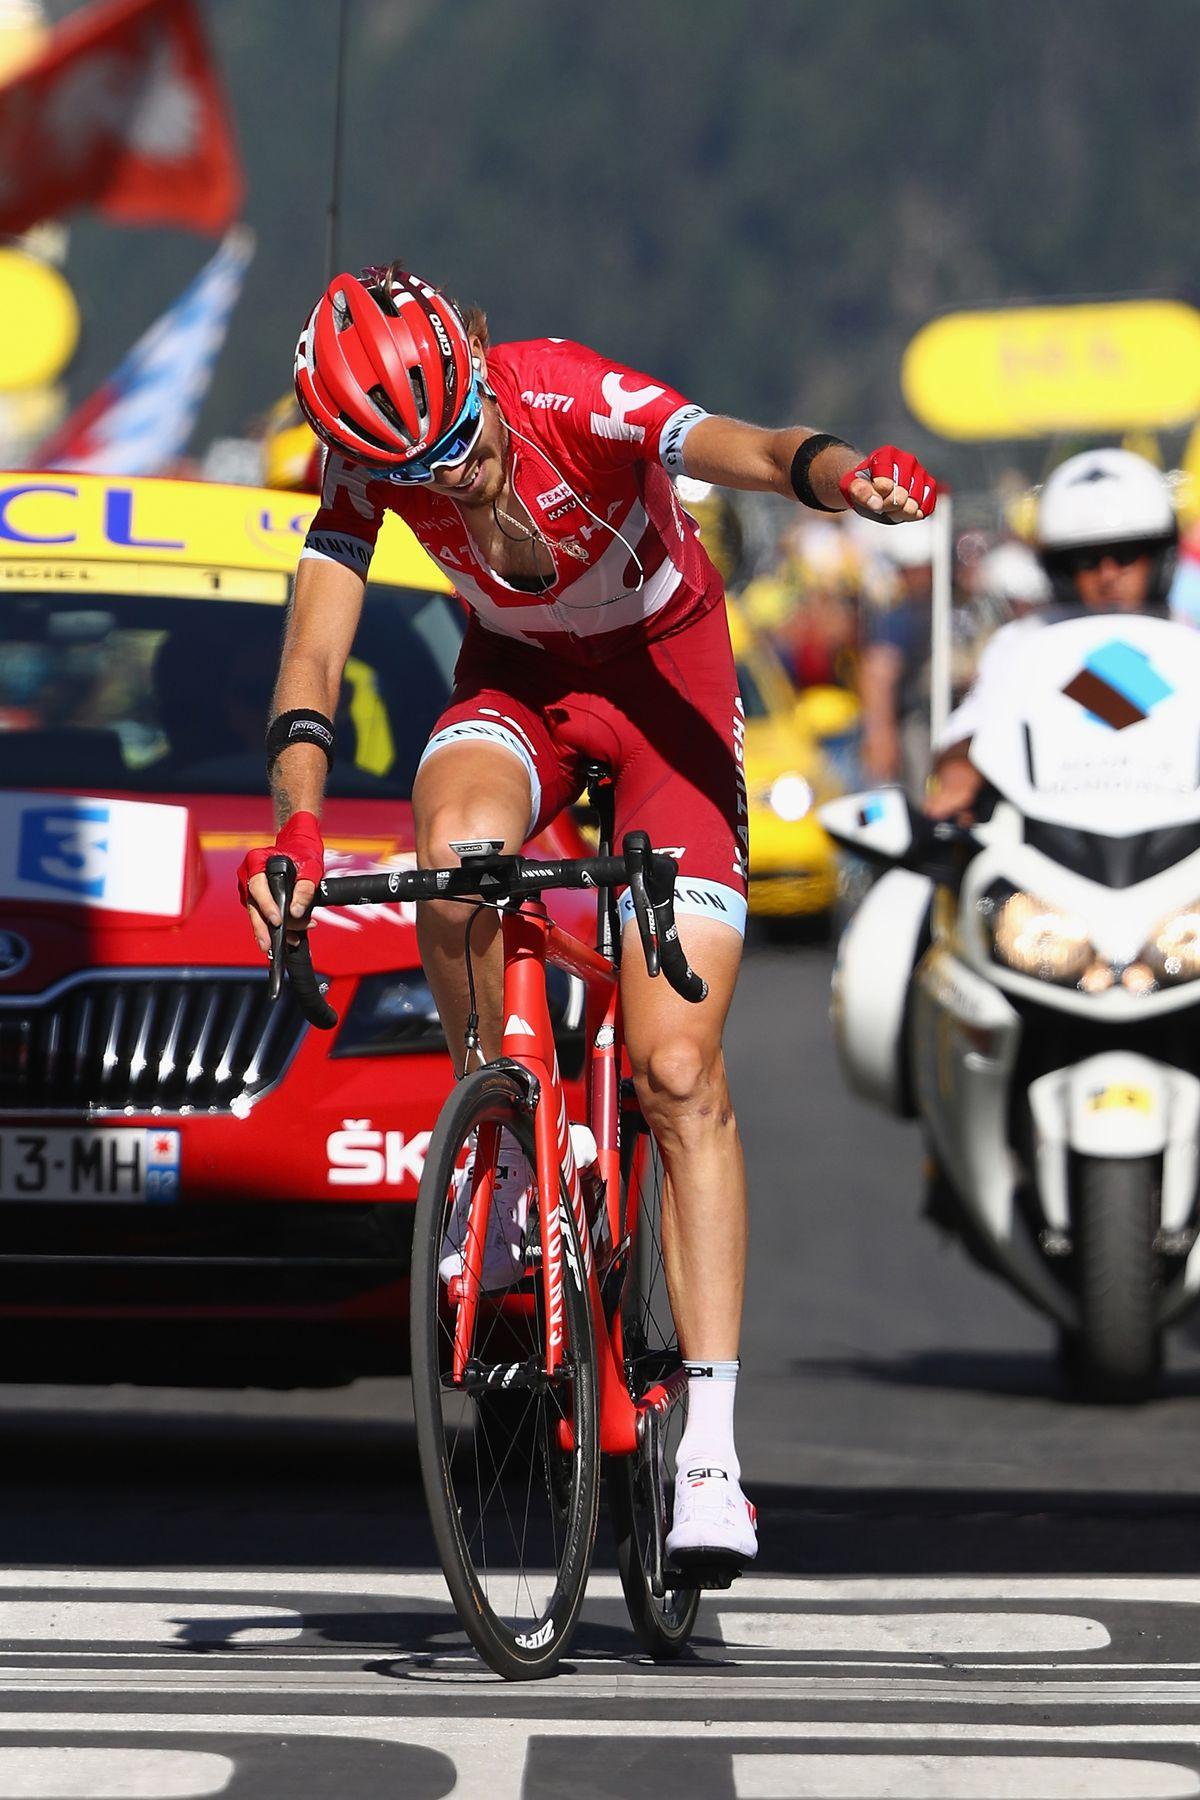 Le Tour de France 2016 - Stage Seventeen